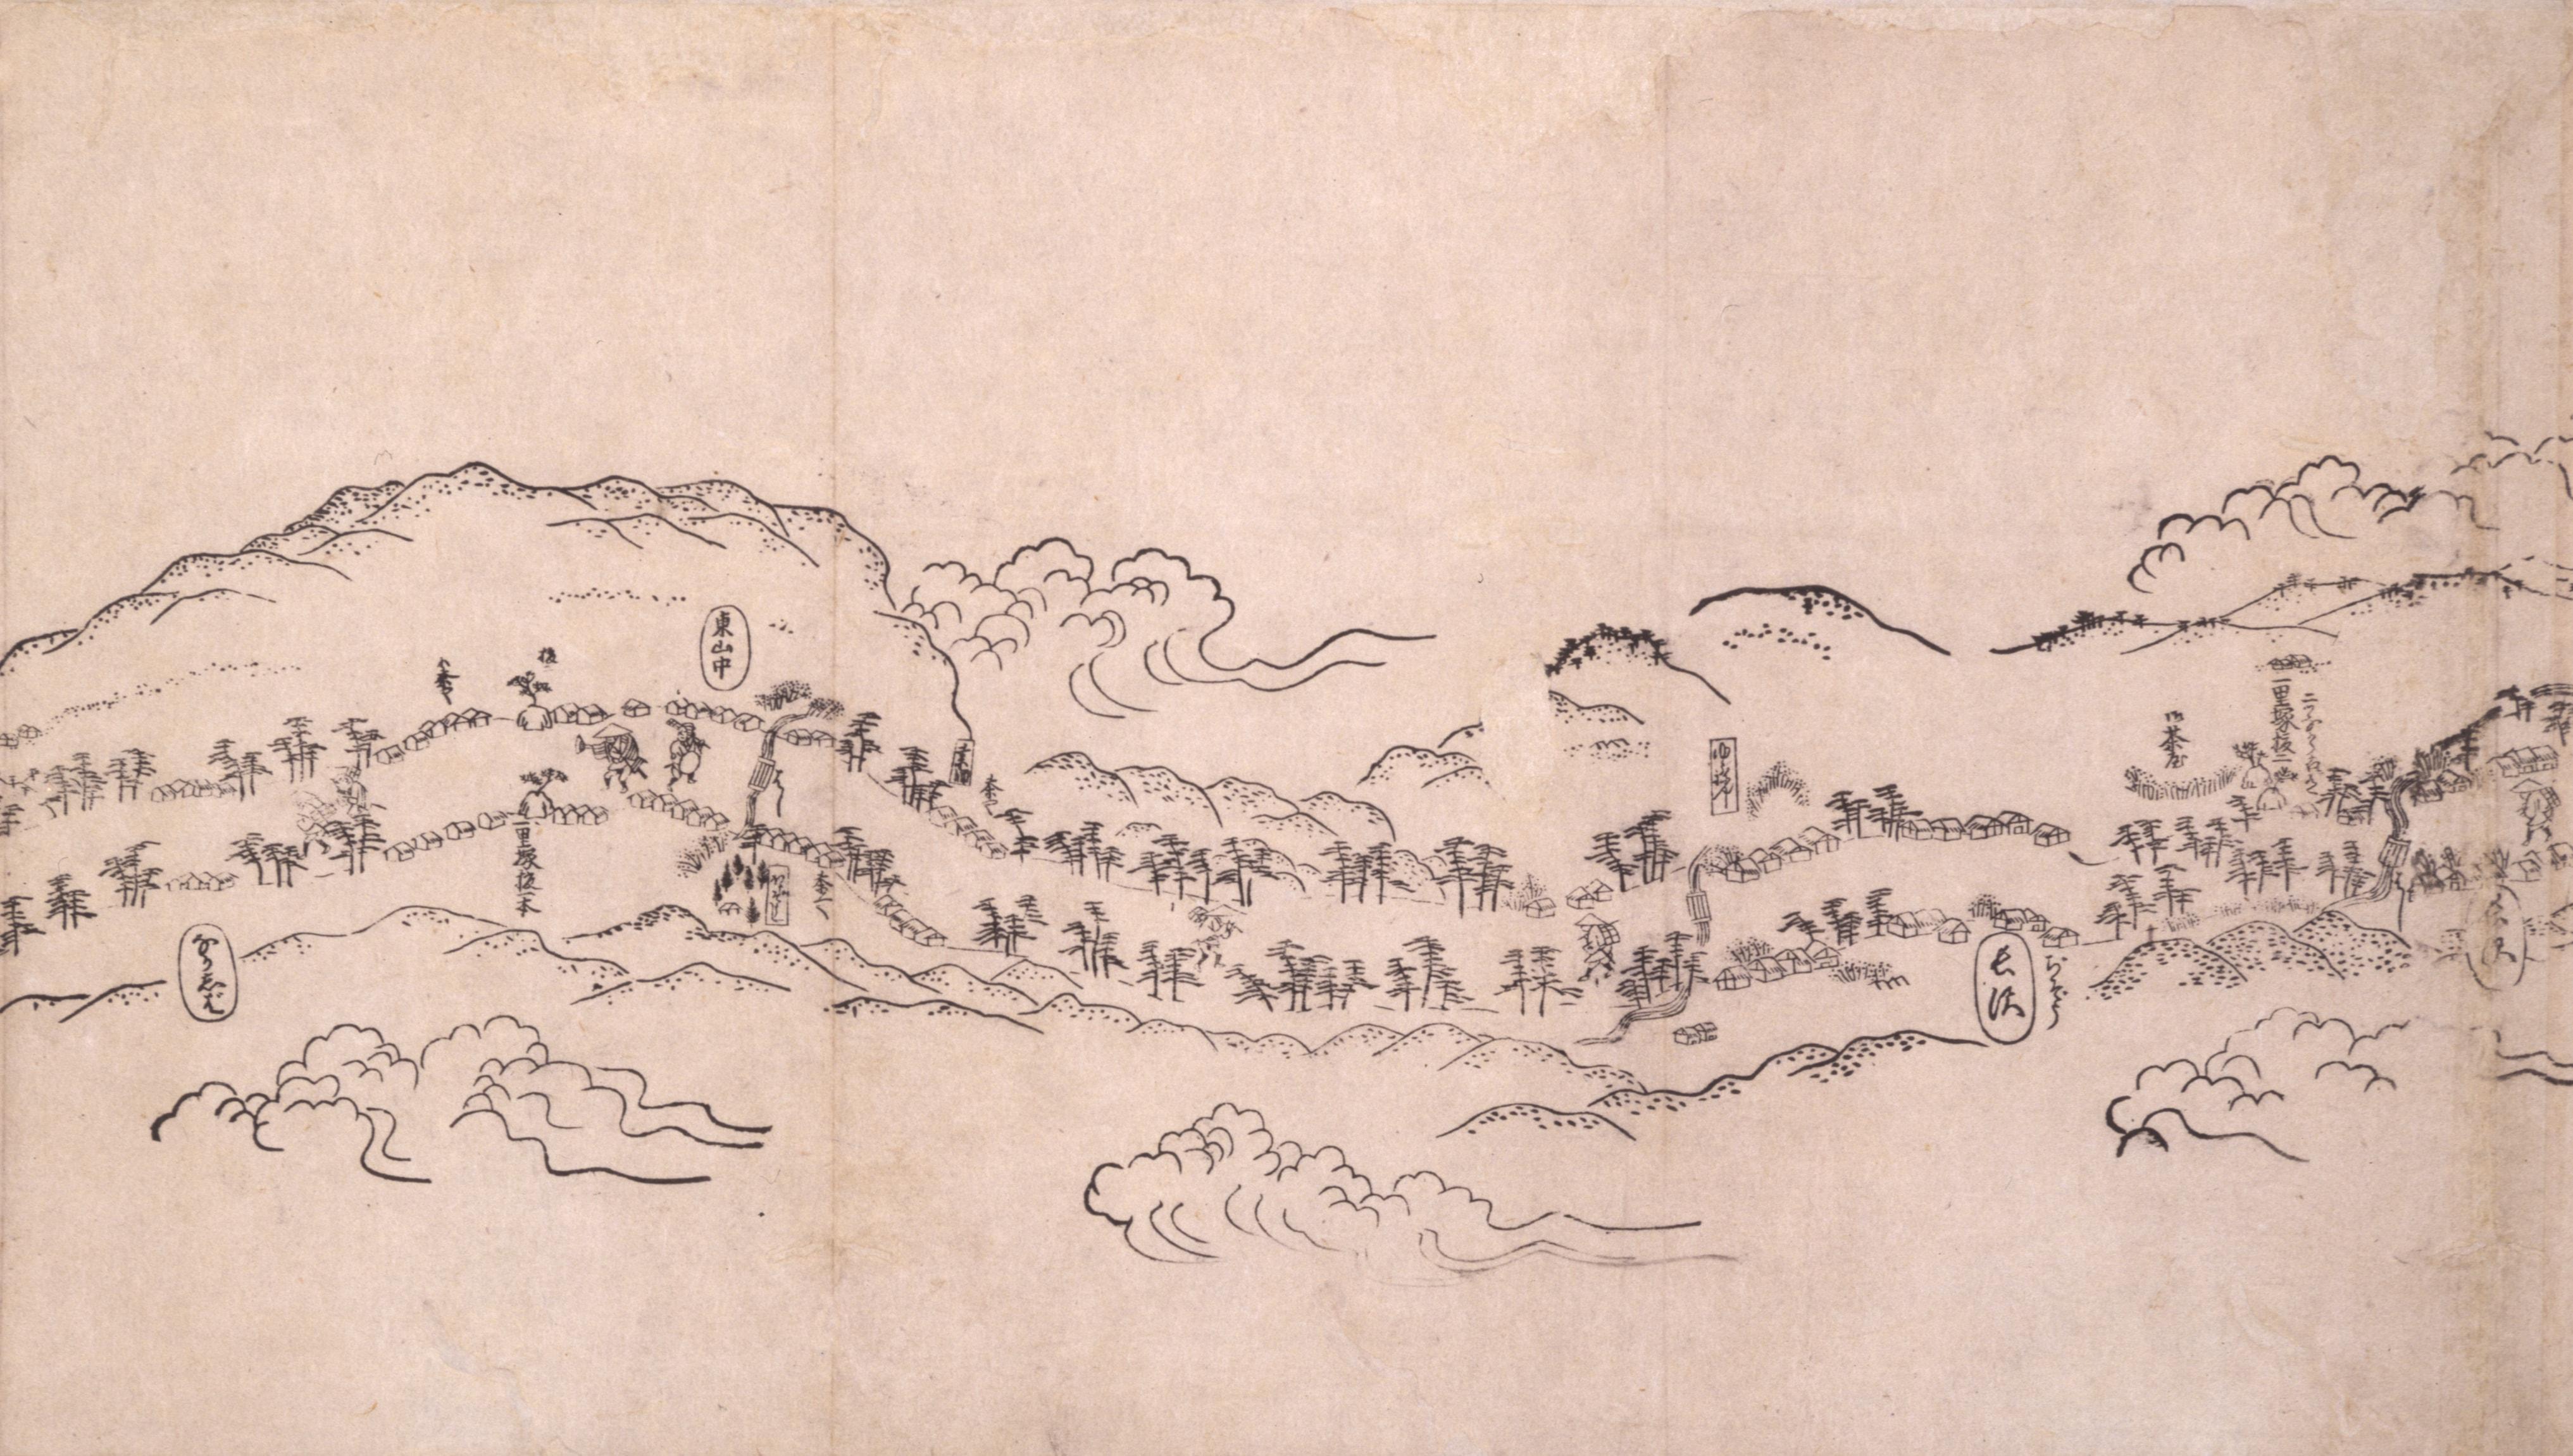 東海道分間之図 五十三